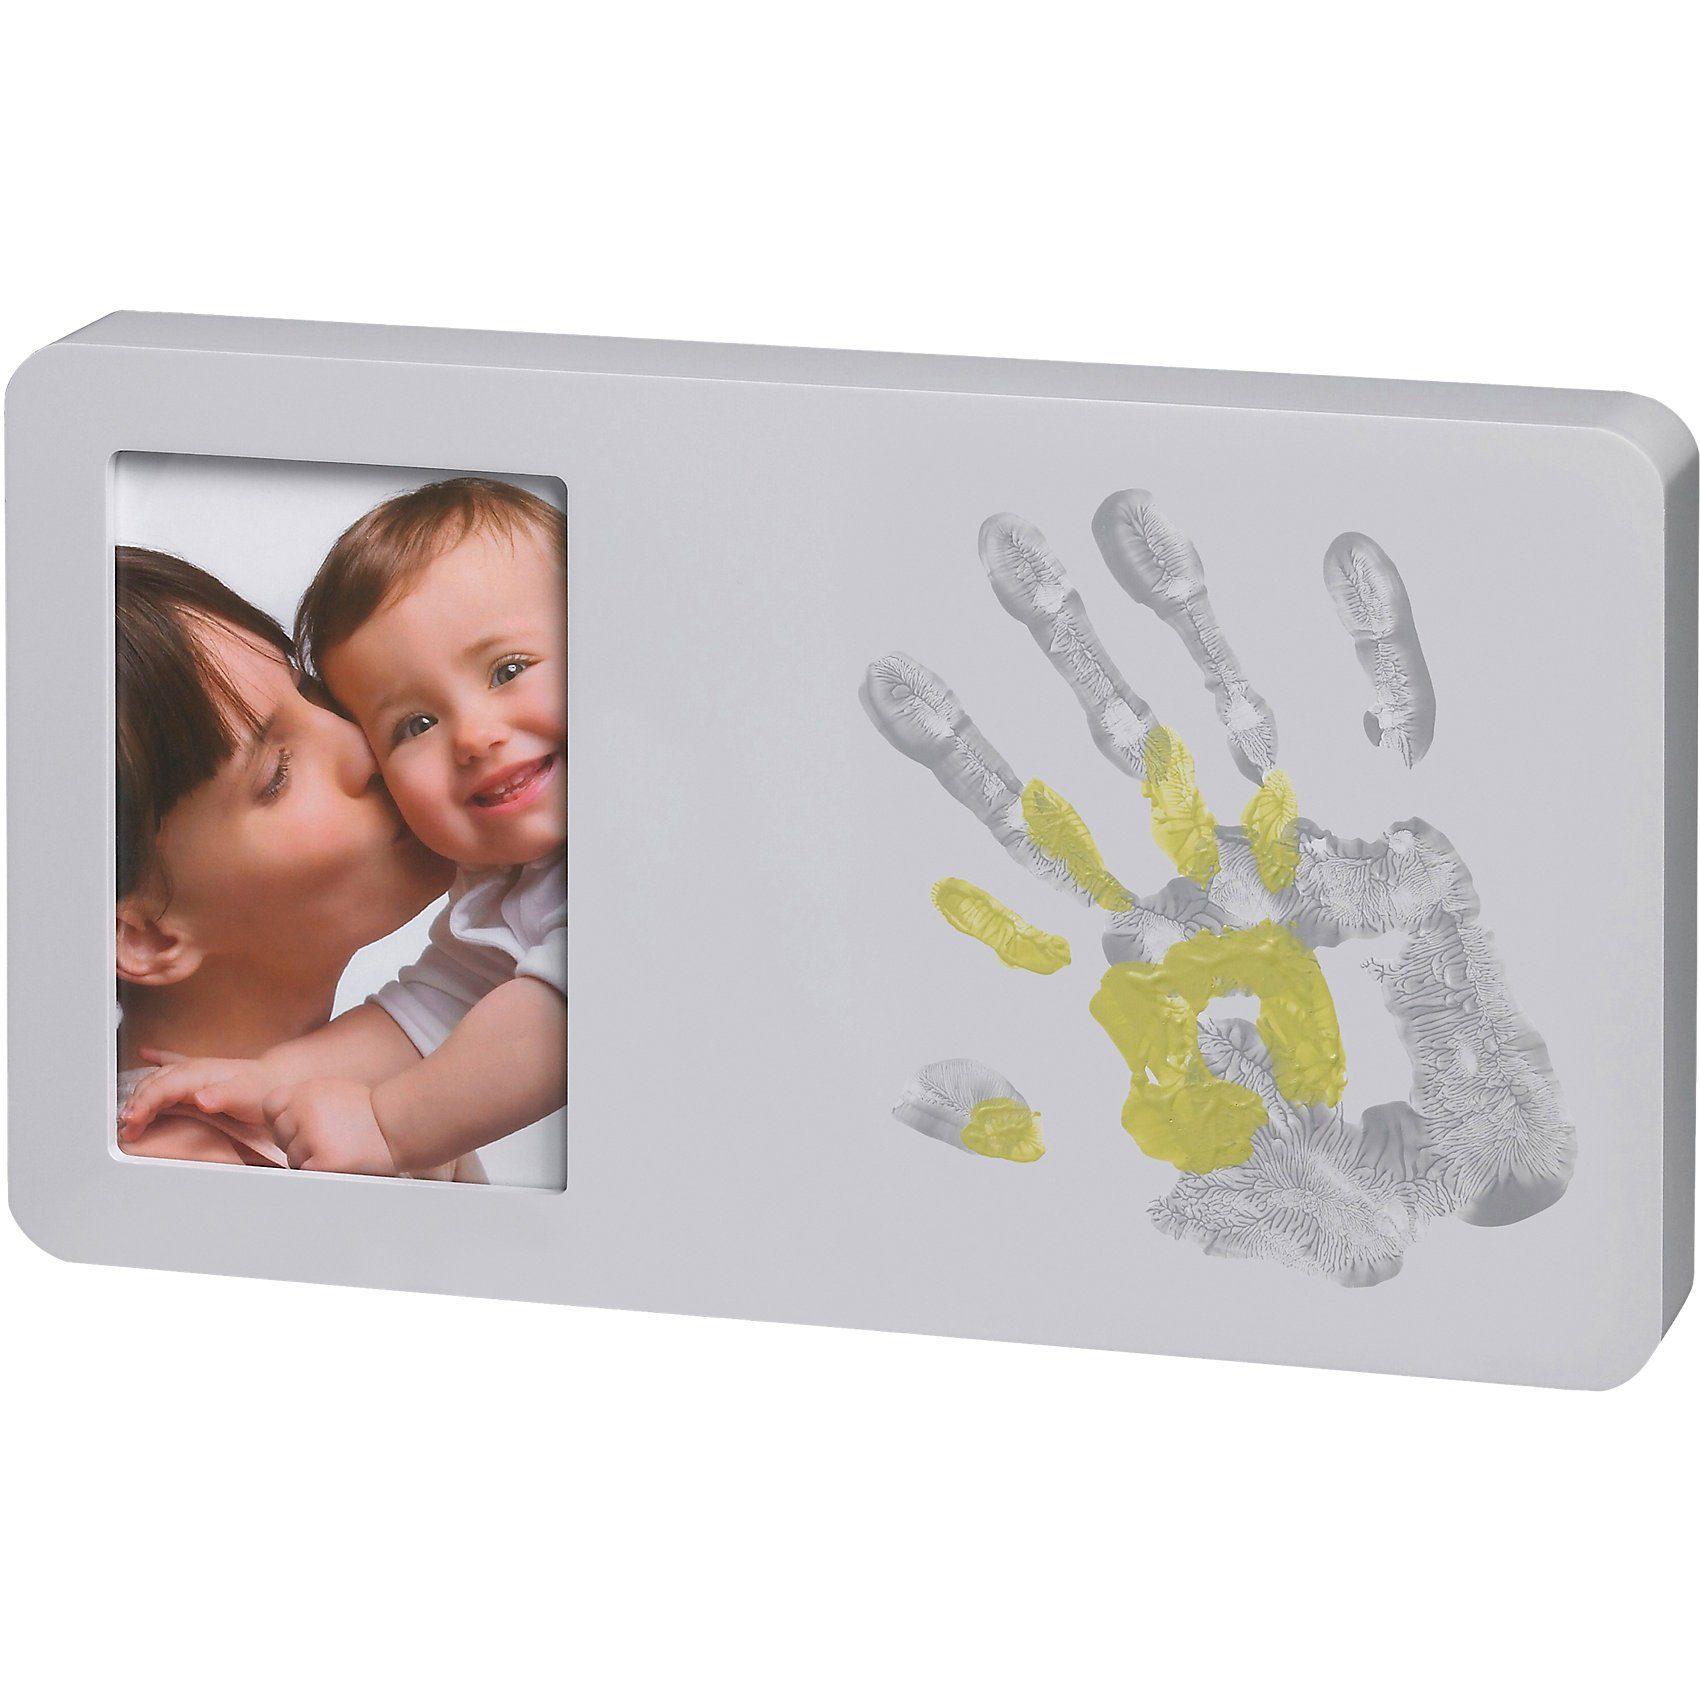 Baby Art Bilderrahmen mit Handabdruck, pastel